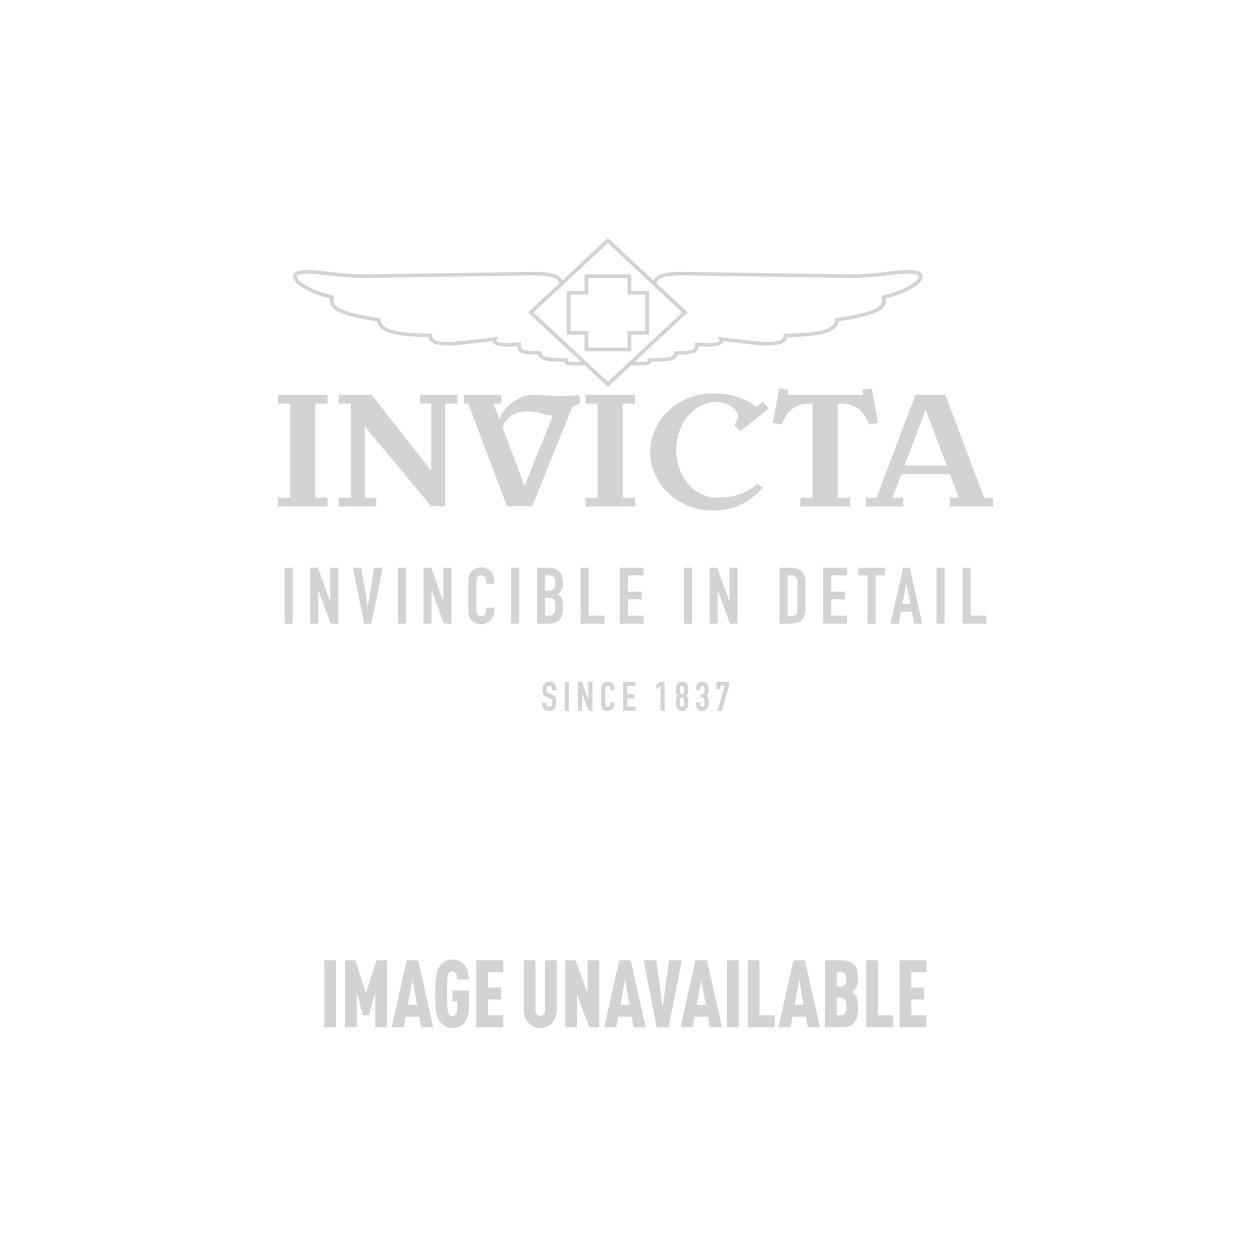 Invicta Model 29151